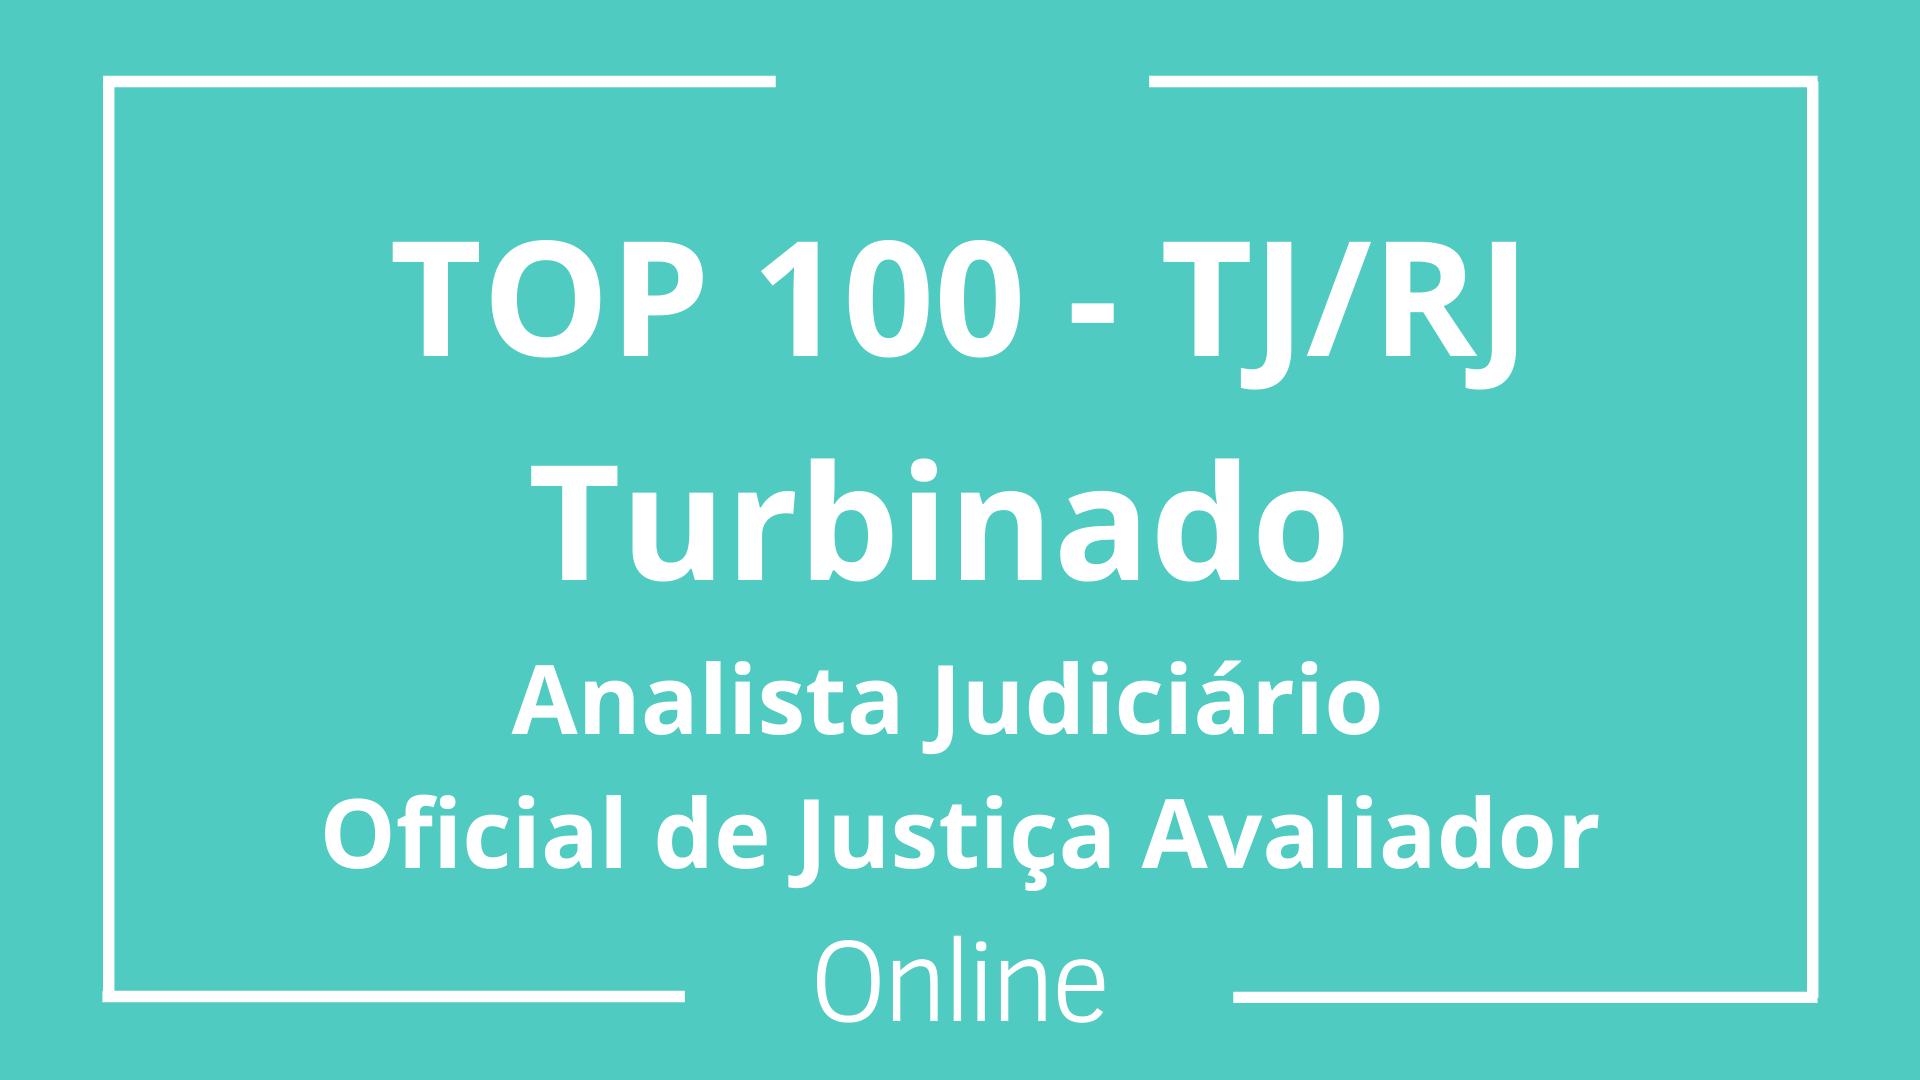 TOP 100 - TJ/RJ Turbinado - Analista Judiciário - Oficial de Justiça Avaliador